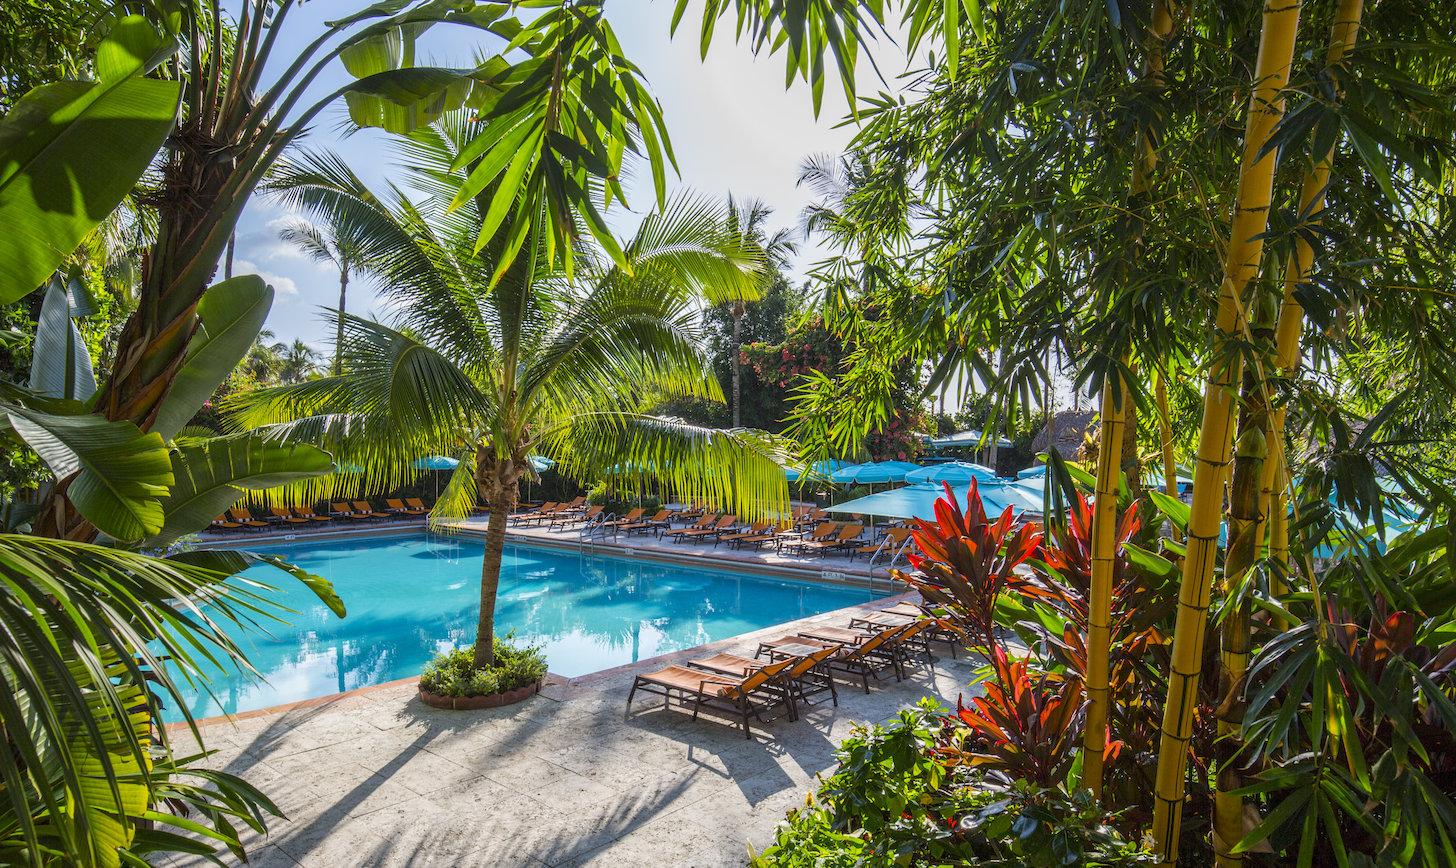 How to Sneak Into 13 Miami Pools